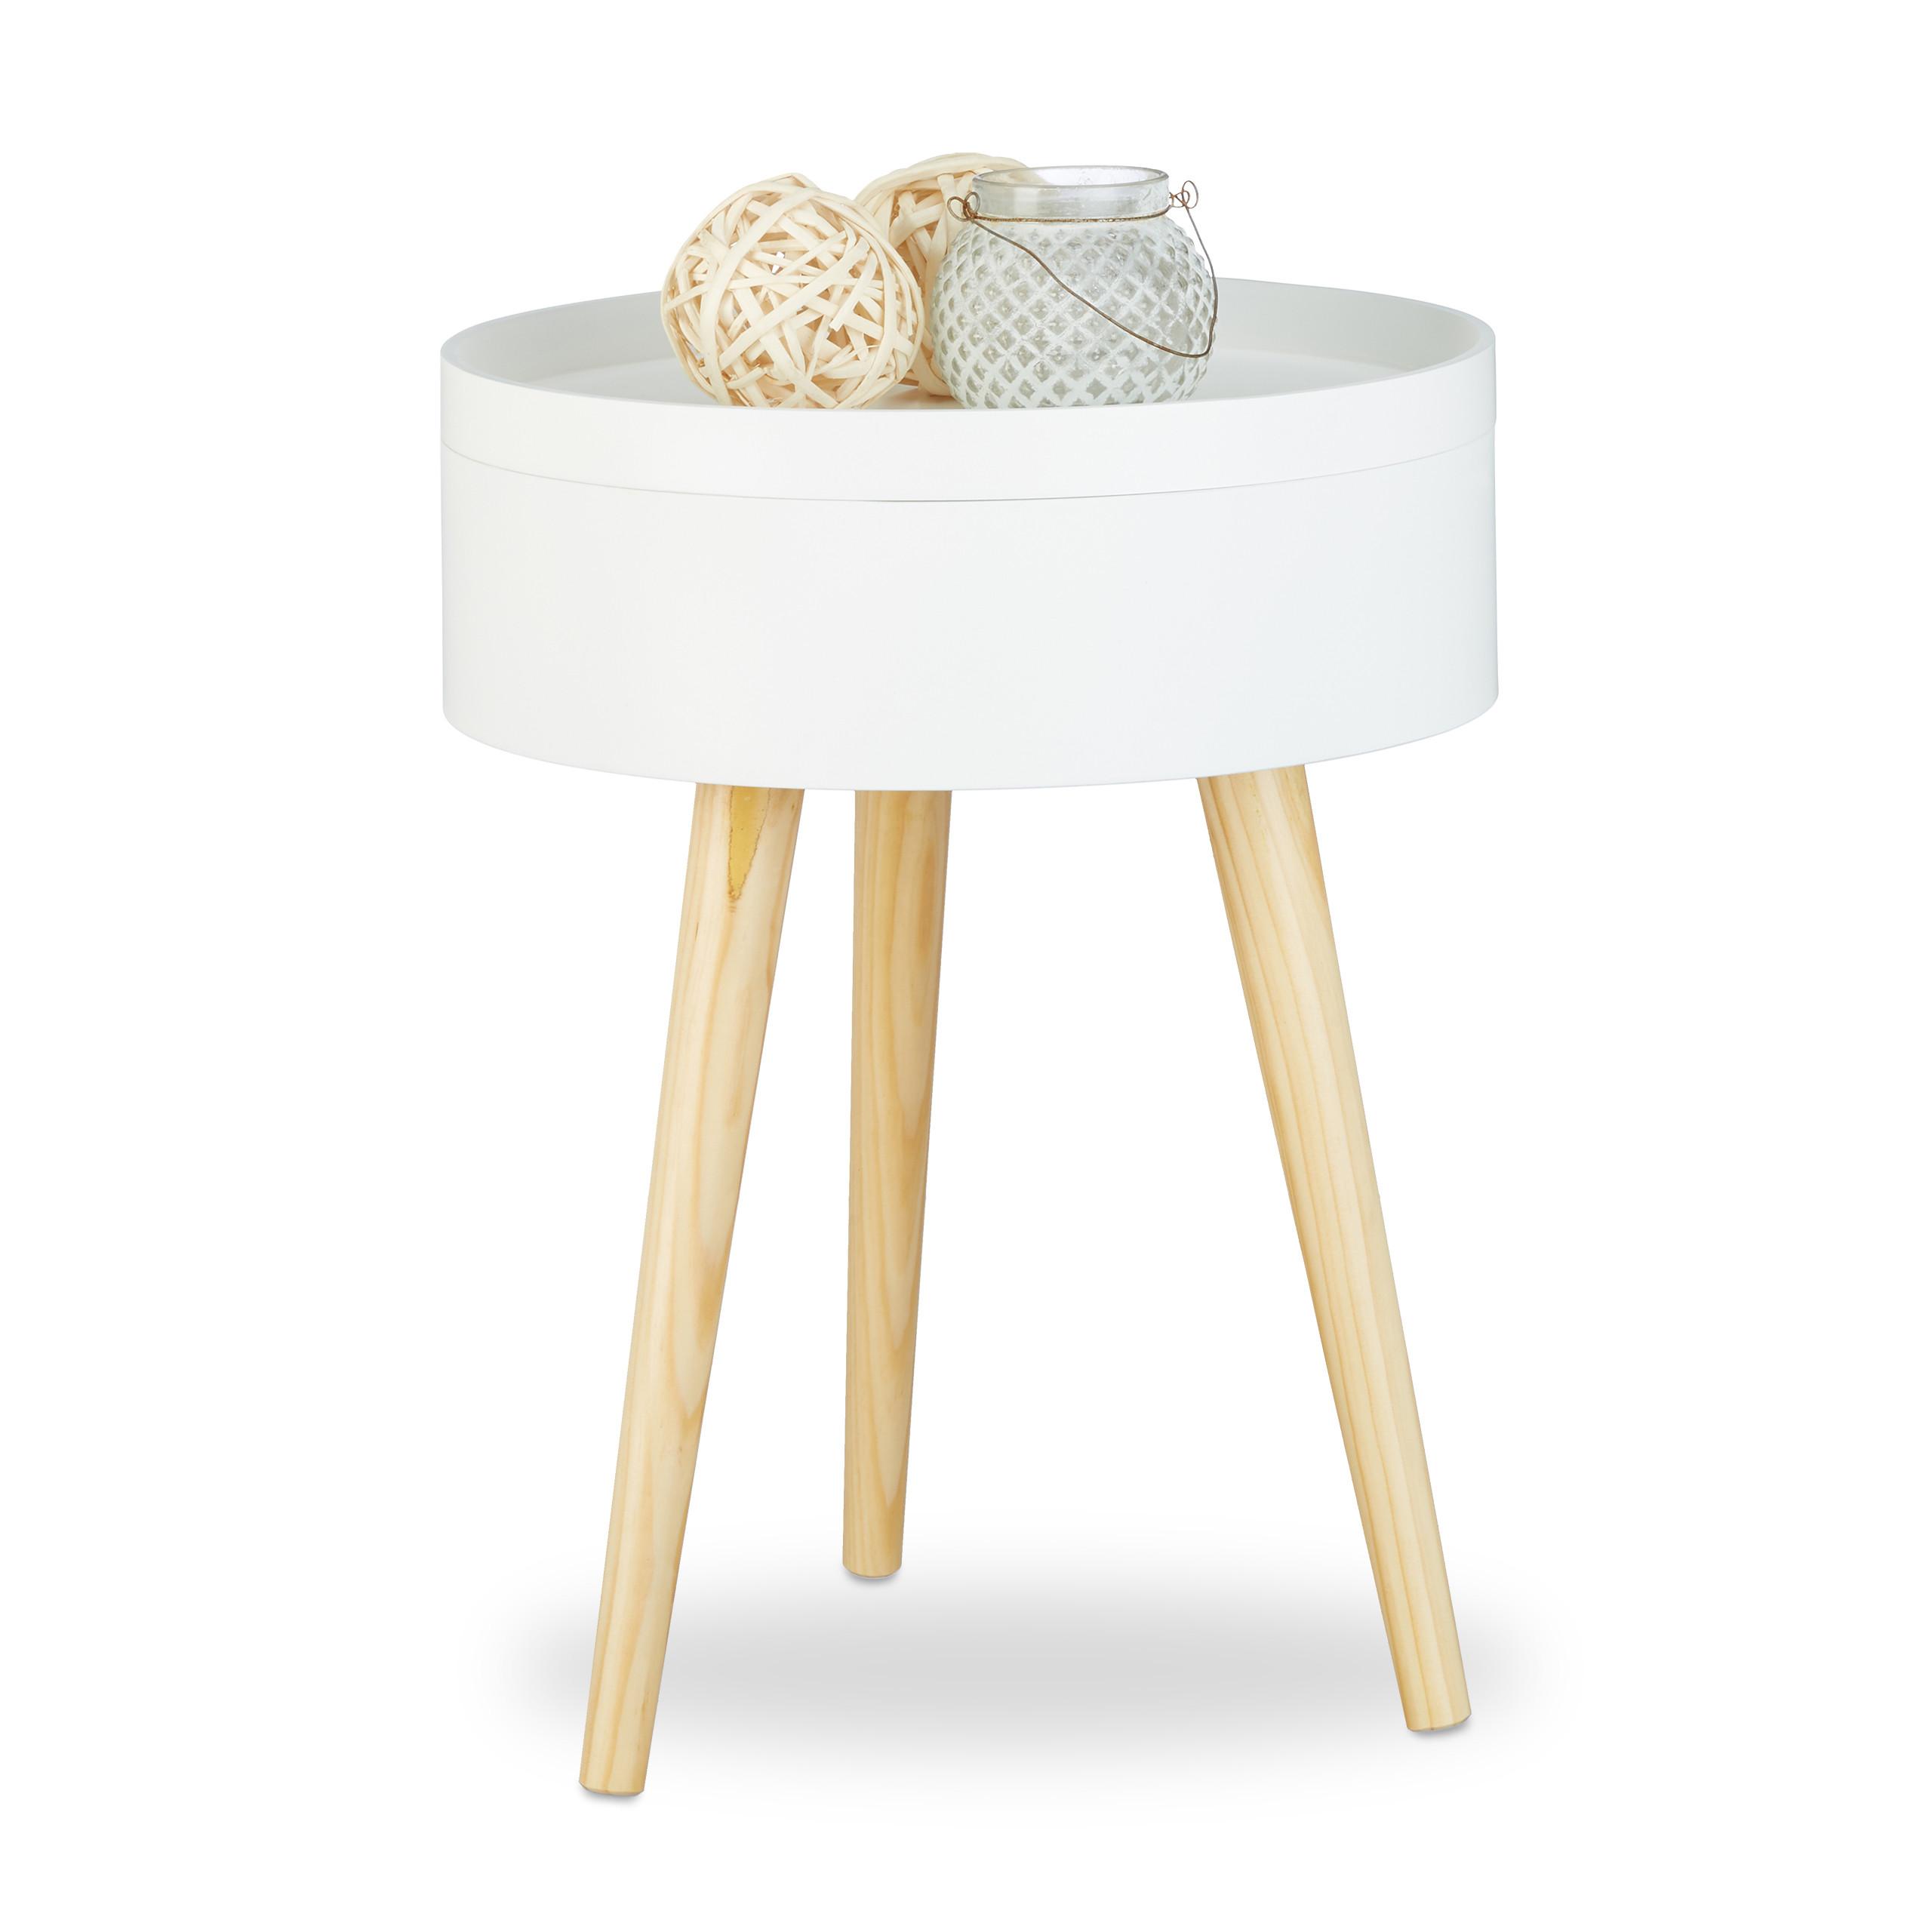 beistelltisch 38 cm rund skandinavisch nachttisch wei tablett wohnzimmertisch ebay. Black Bedroom Furniture Sets. Home Design Ideas